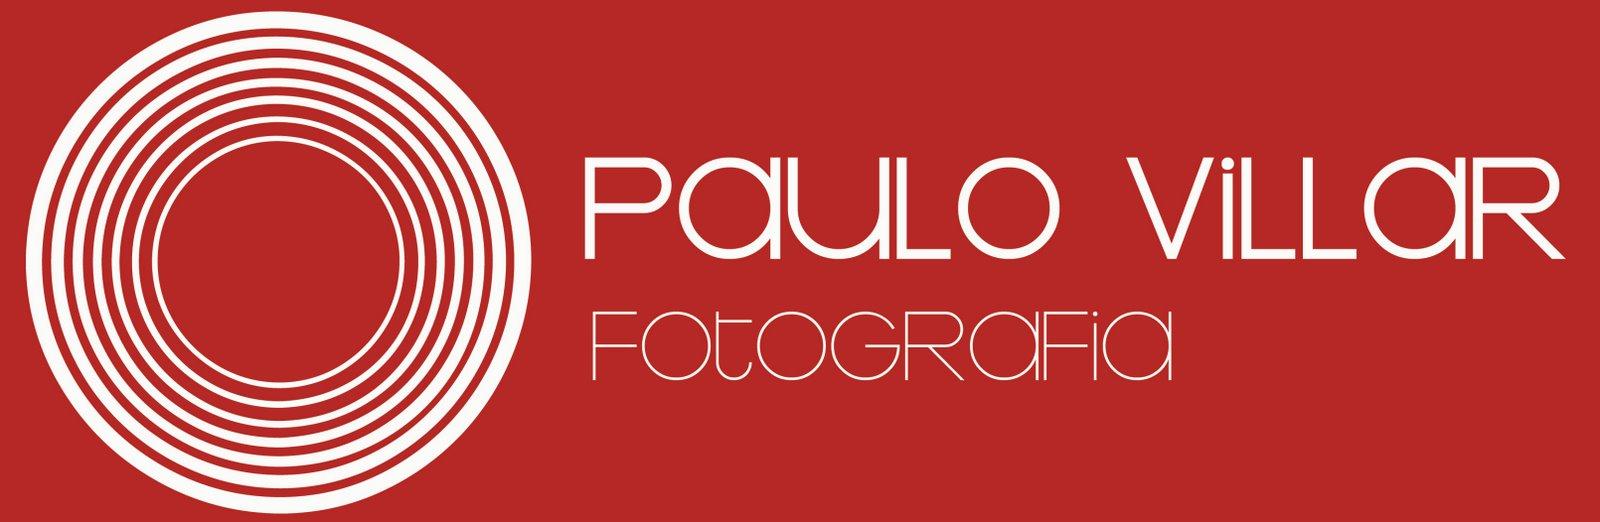 Paulo Villar // Fotografia